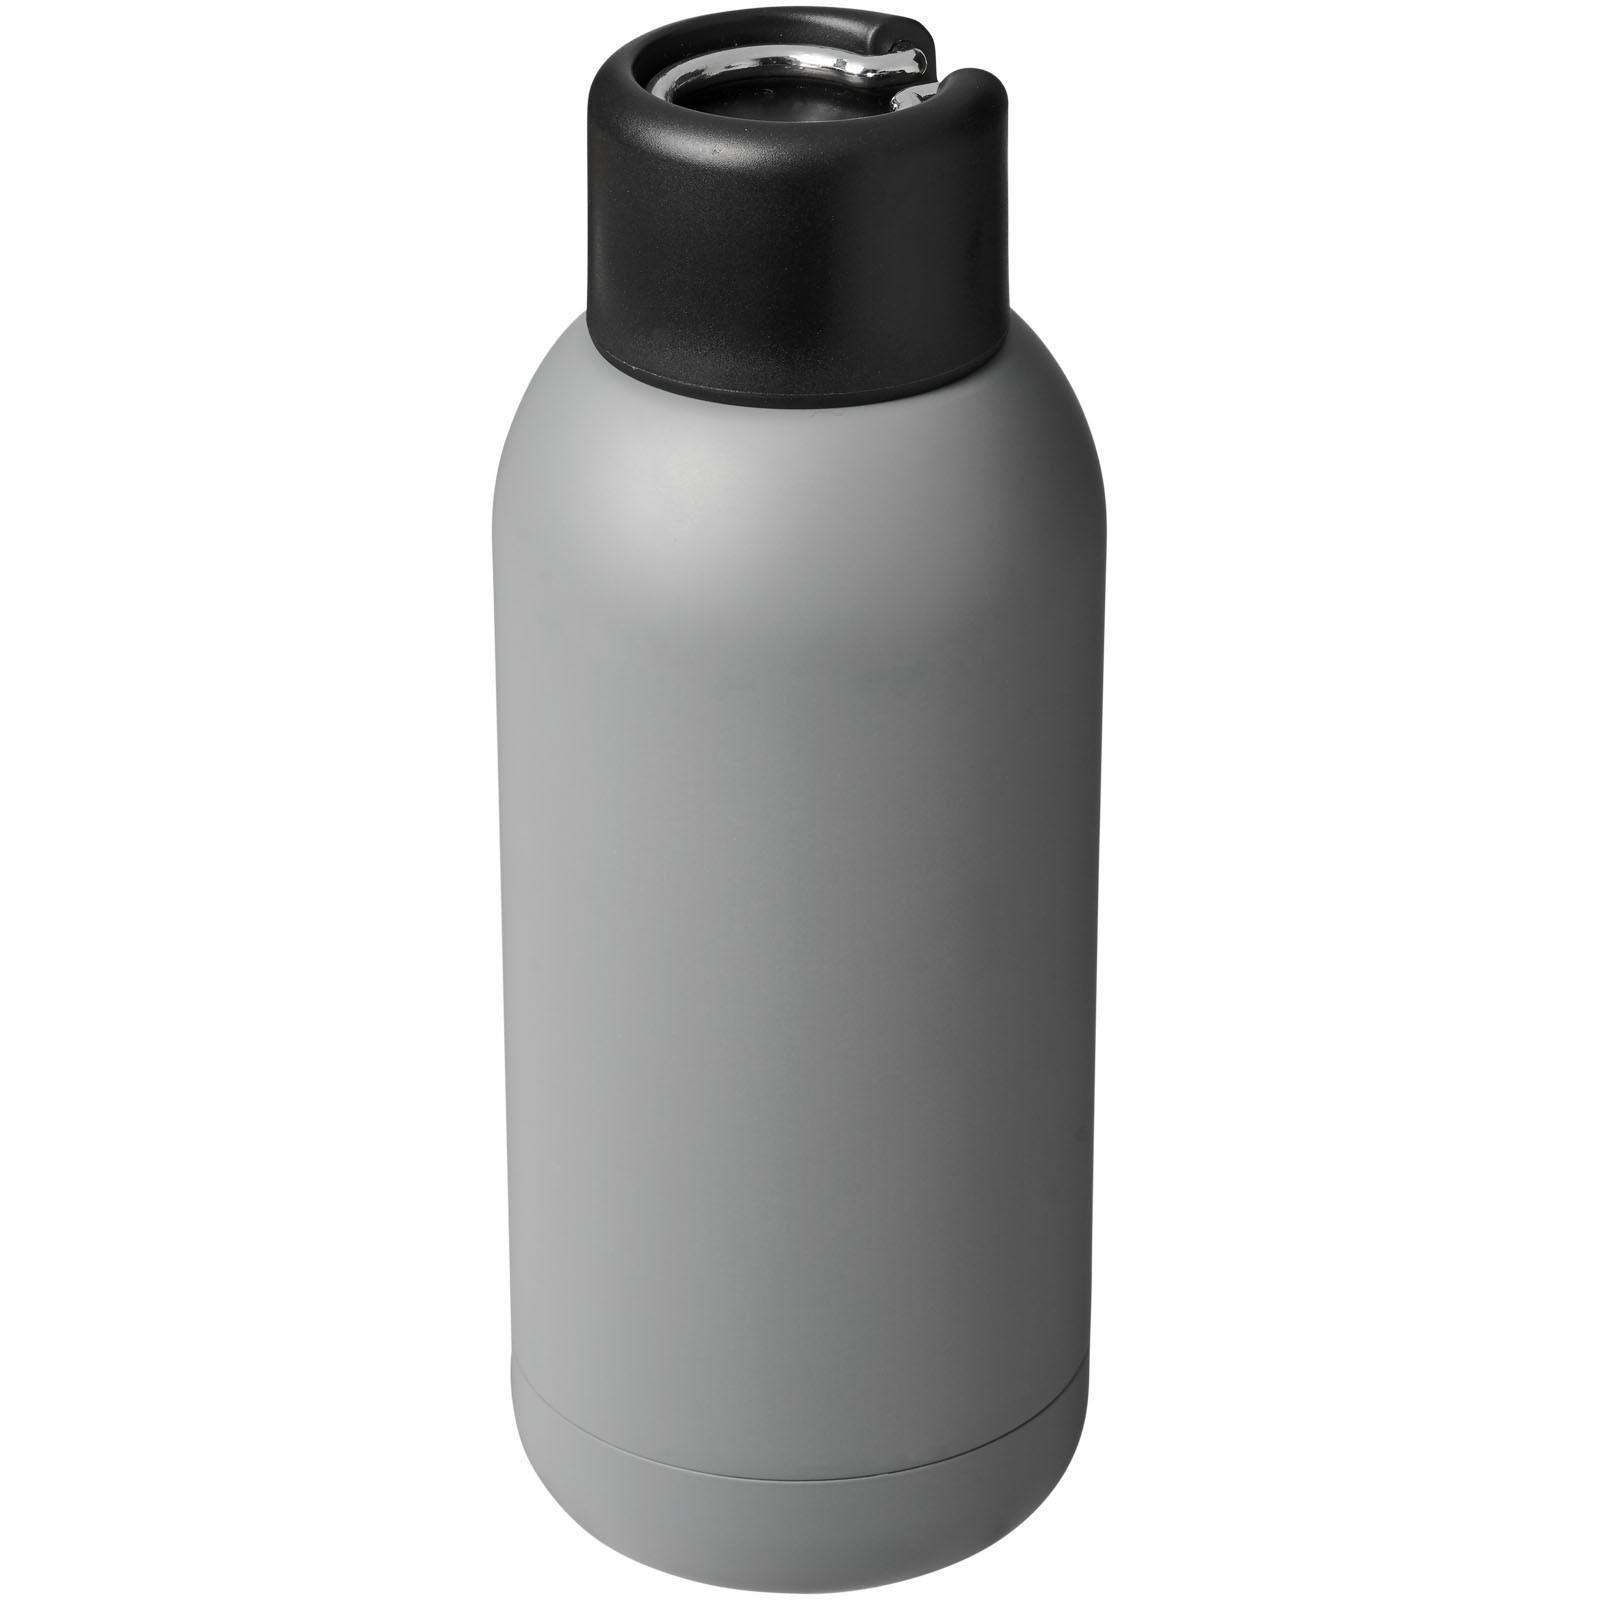 Měděná sportovní láhev Brea 375 ml s vakuovou izolací - Šedá